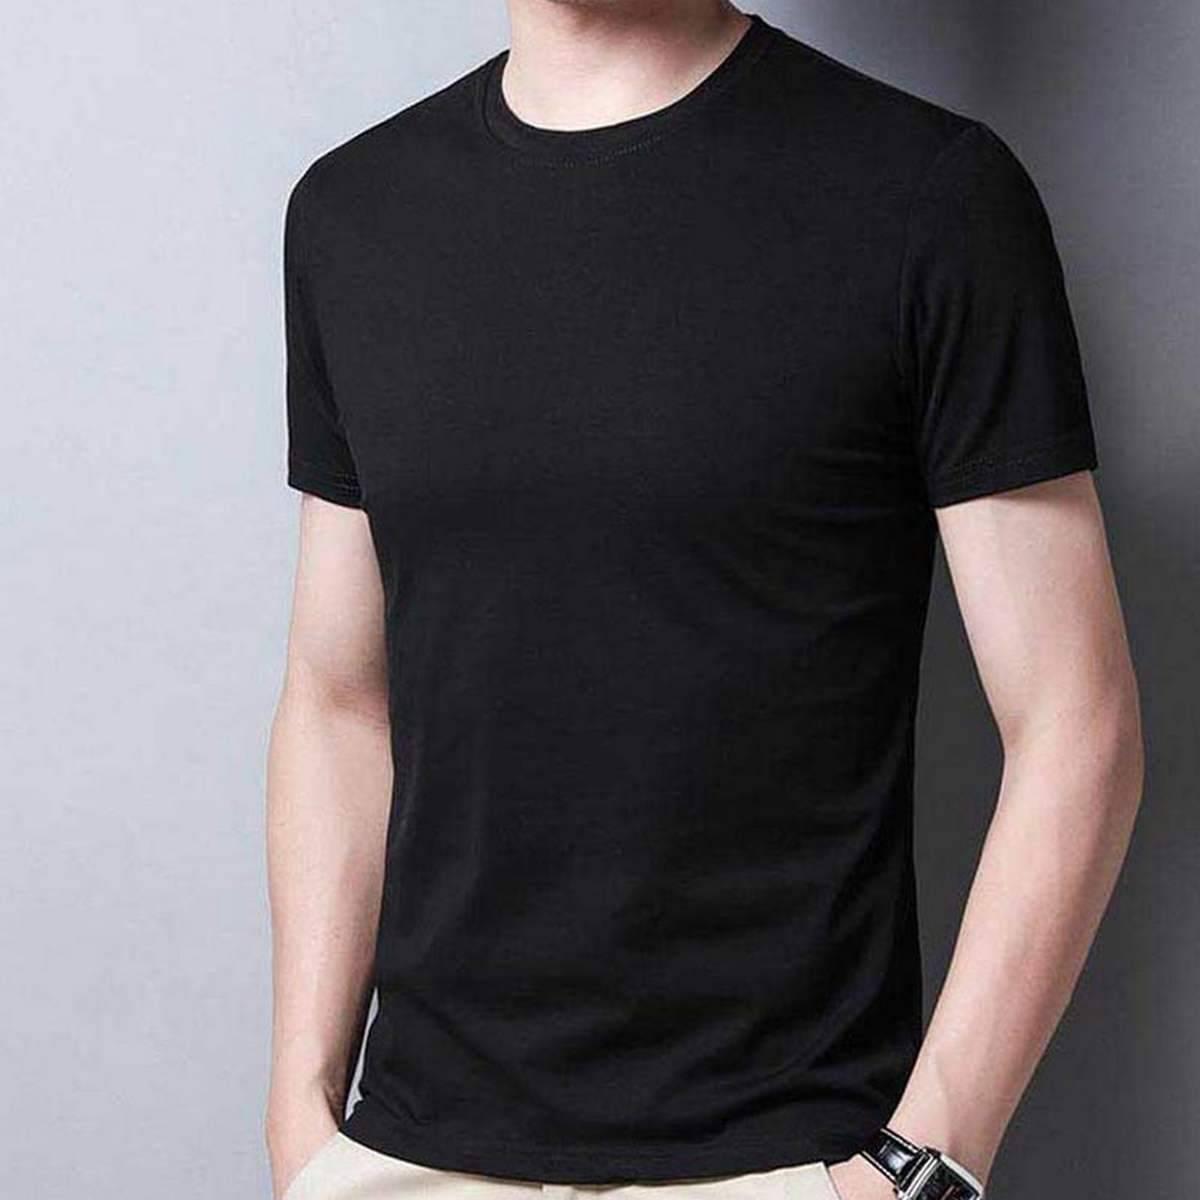 KK BRANDS New Arrival 2020 Summer t-shirt Half Sleeves Cotton tee Plain T Shirt for Boys Girl